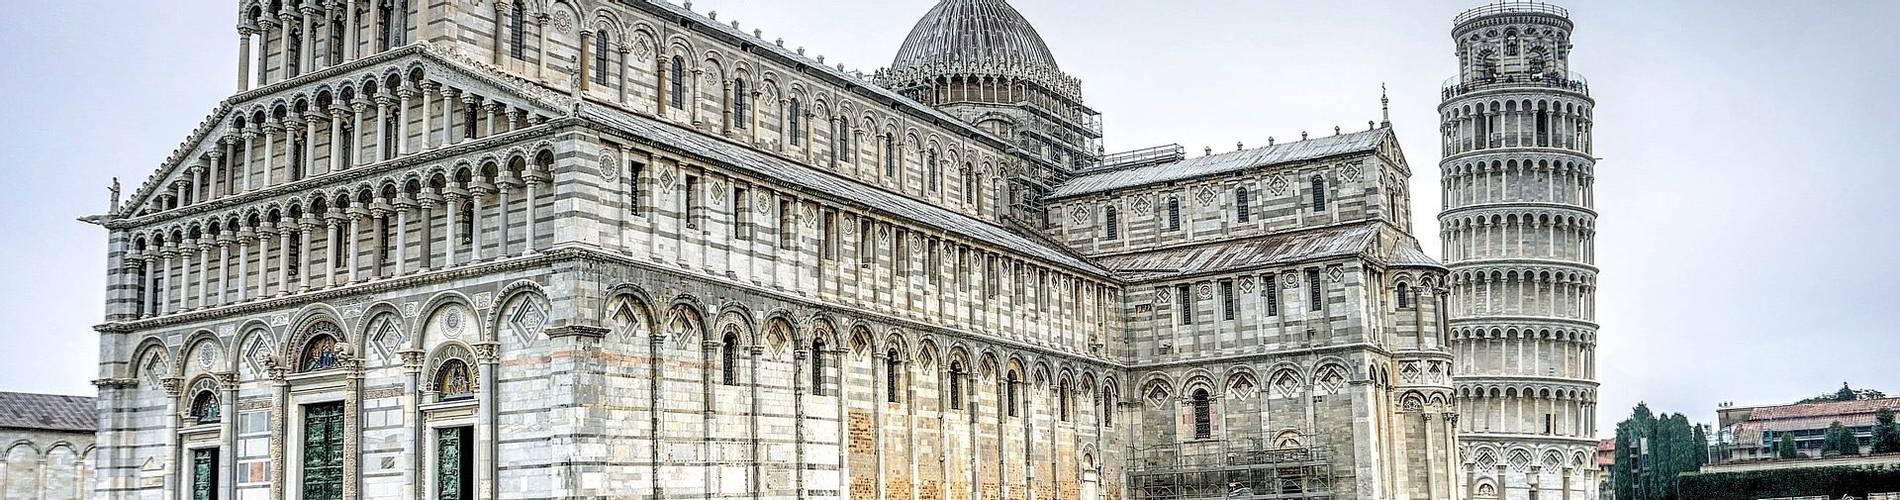 Pisa .jpg